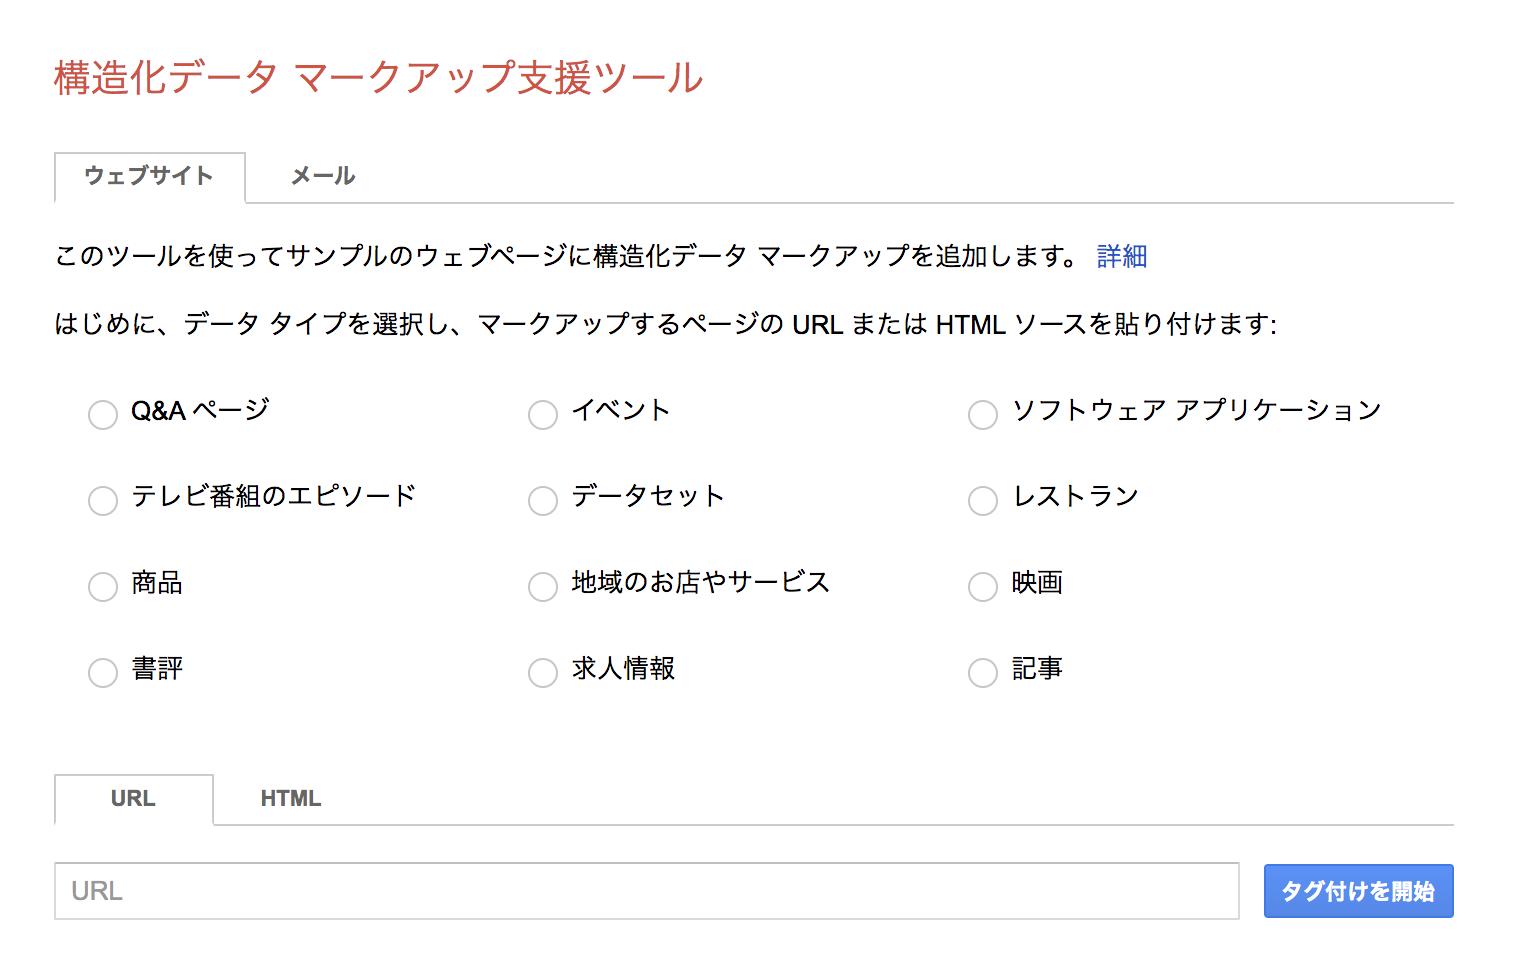 構造化データ マークアップ支援ツール